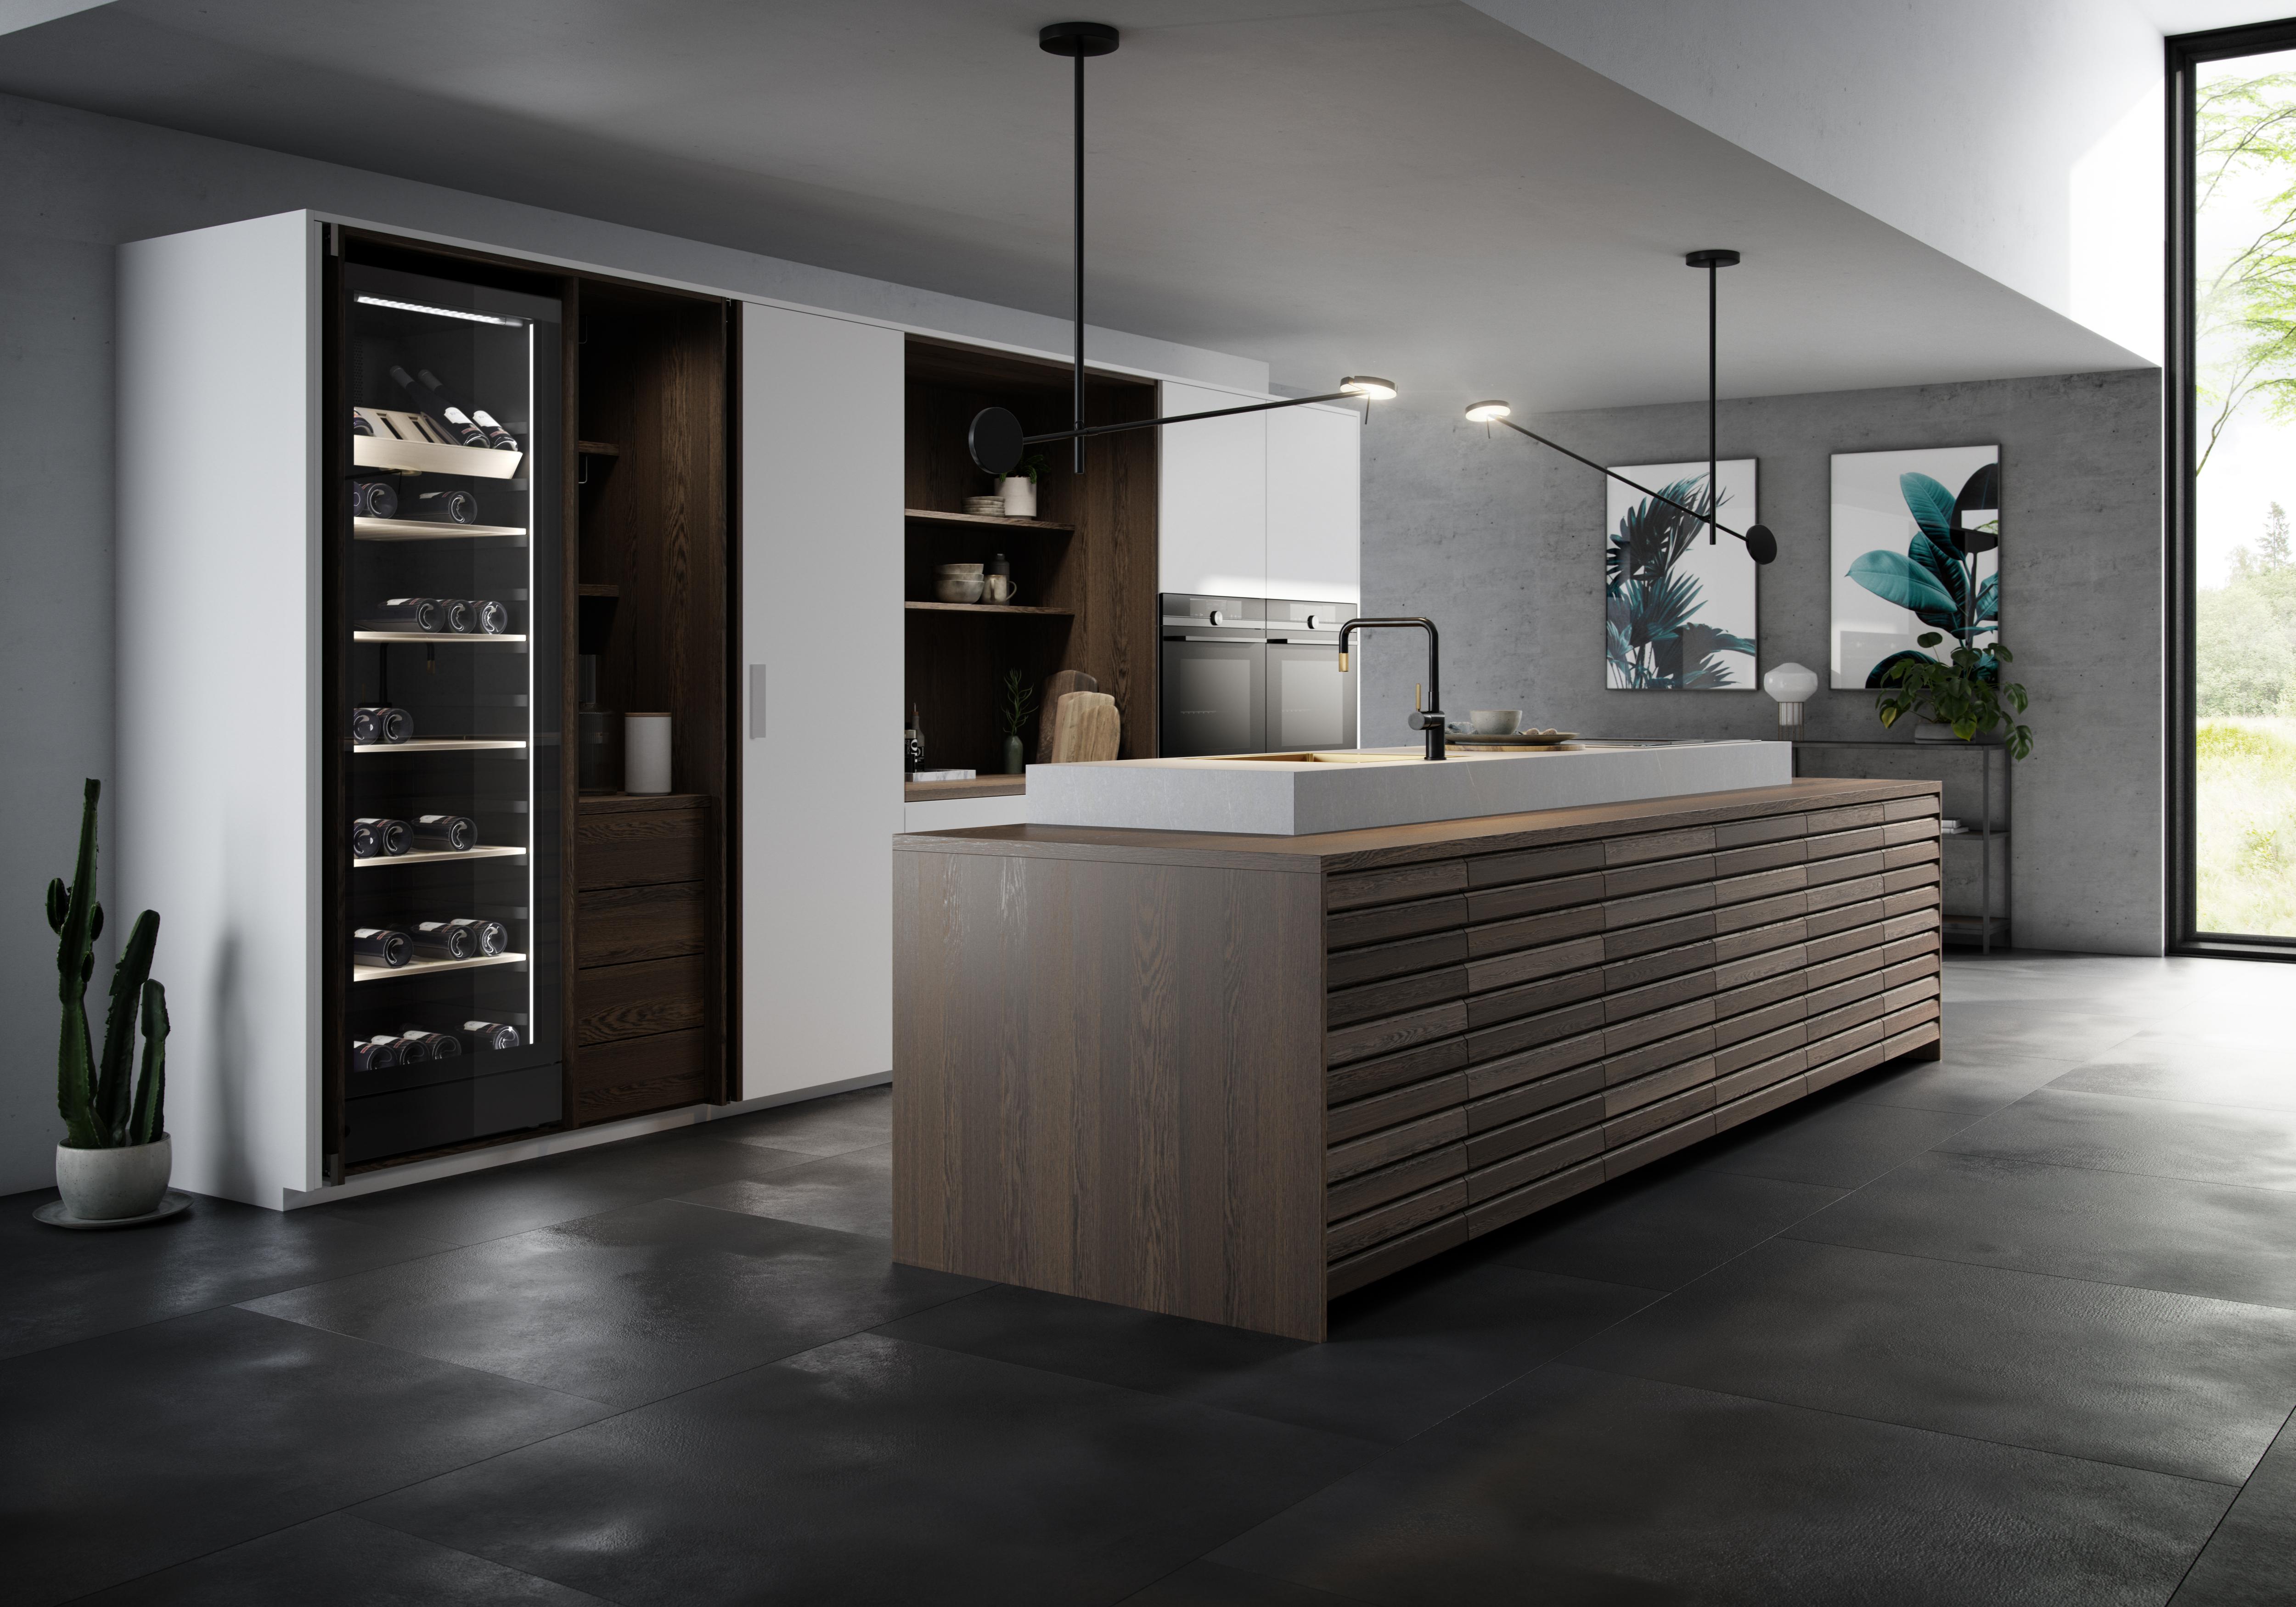 svane design Svane Køkkelaunches new kitchen series for 2018   Nordic  svane design